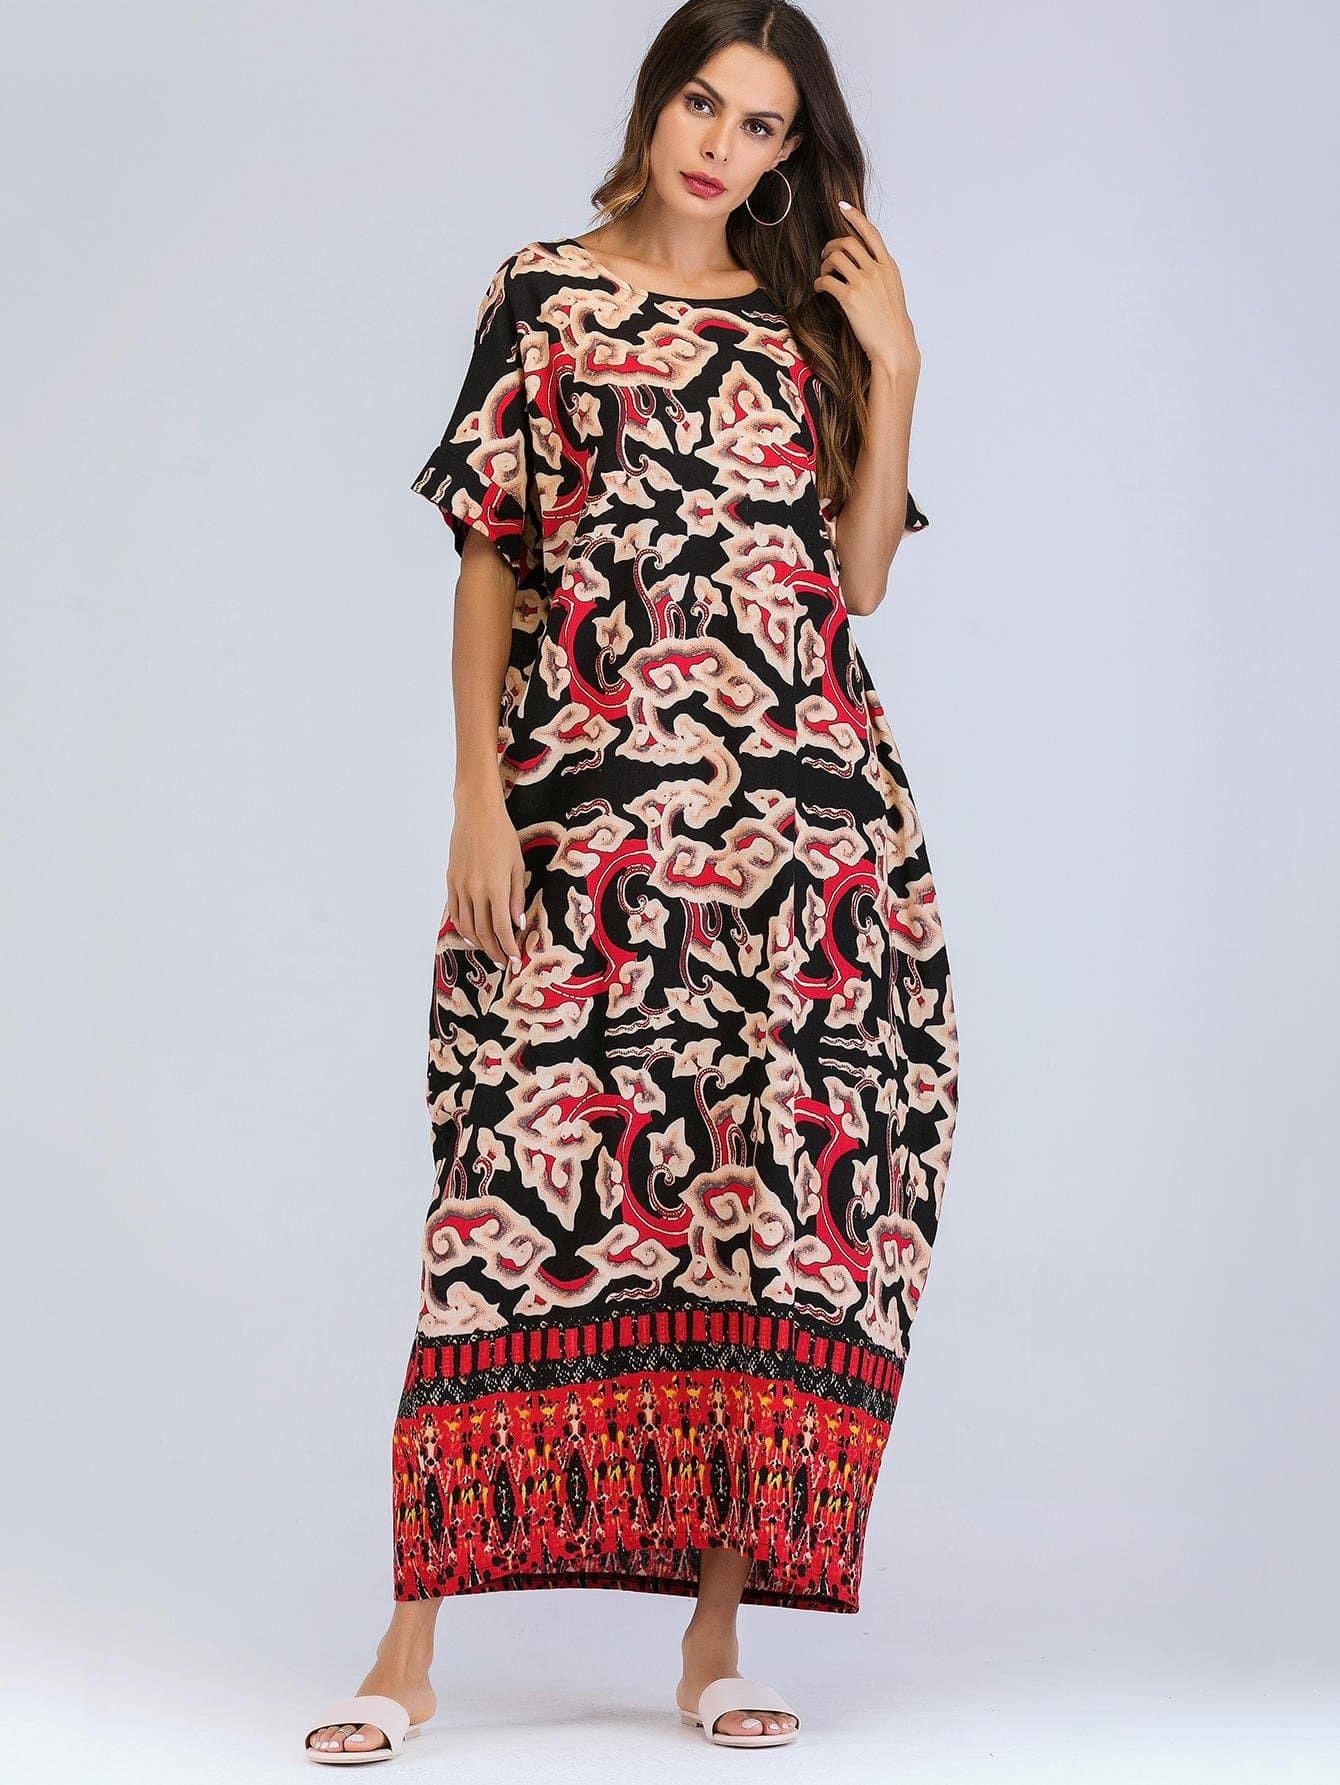 Длинное платье и с рисунками живописи, null, SheIn  - купить со скидкой